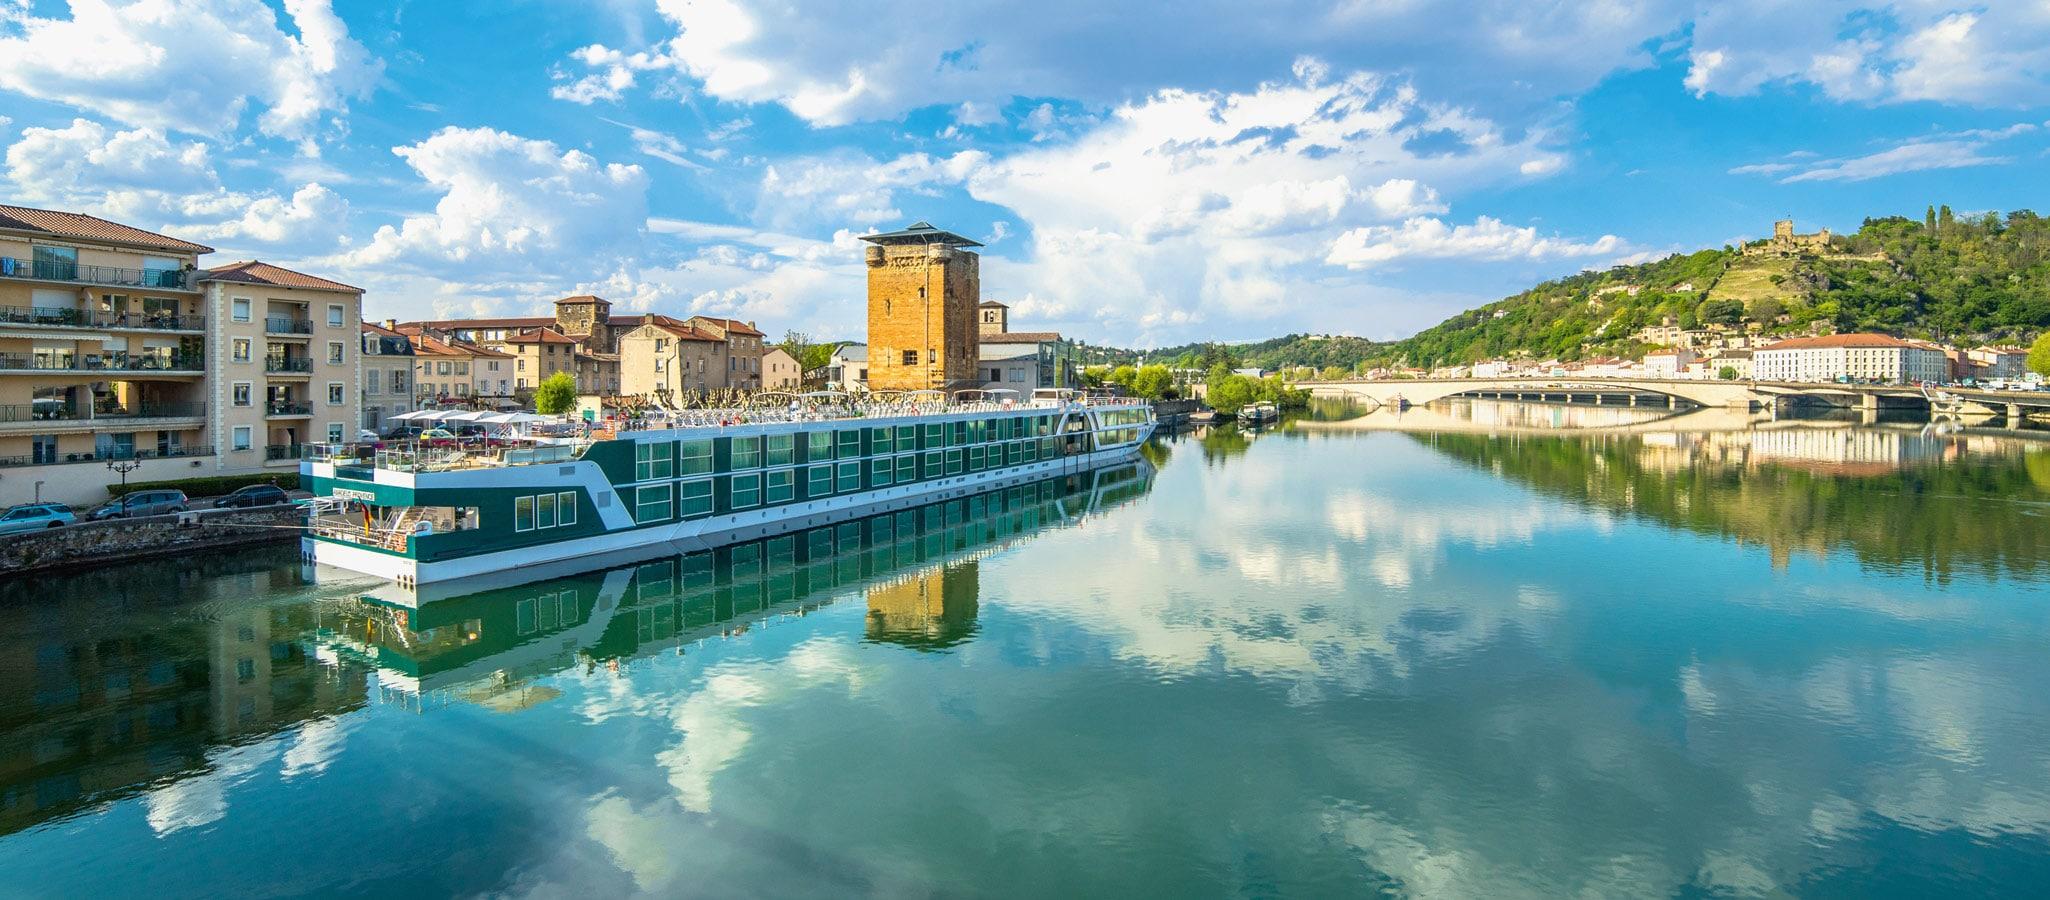 Von Ihrem Flussschiff gehen Sie inmitten der schönsten Städte an Land. Das spart Bustransfers, vereinfacht die Organisation und schont Ihre Budgets.